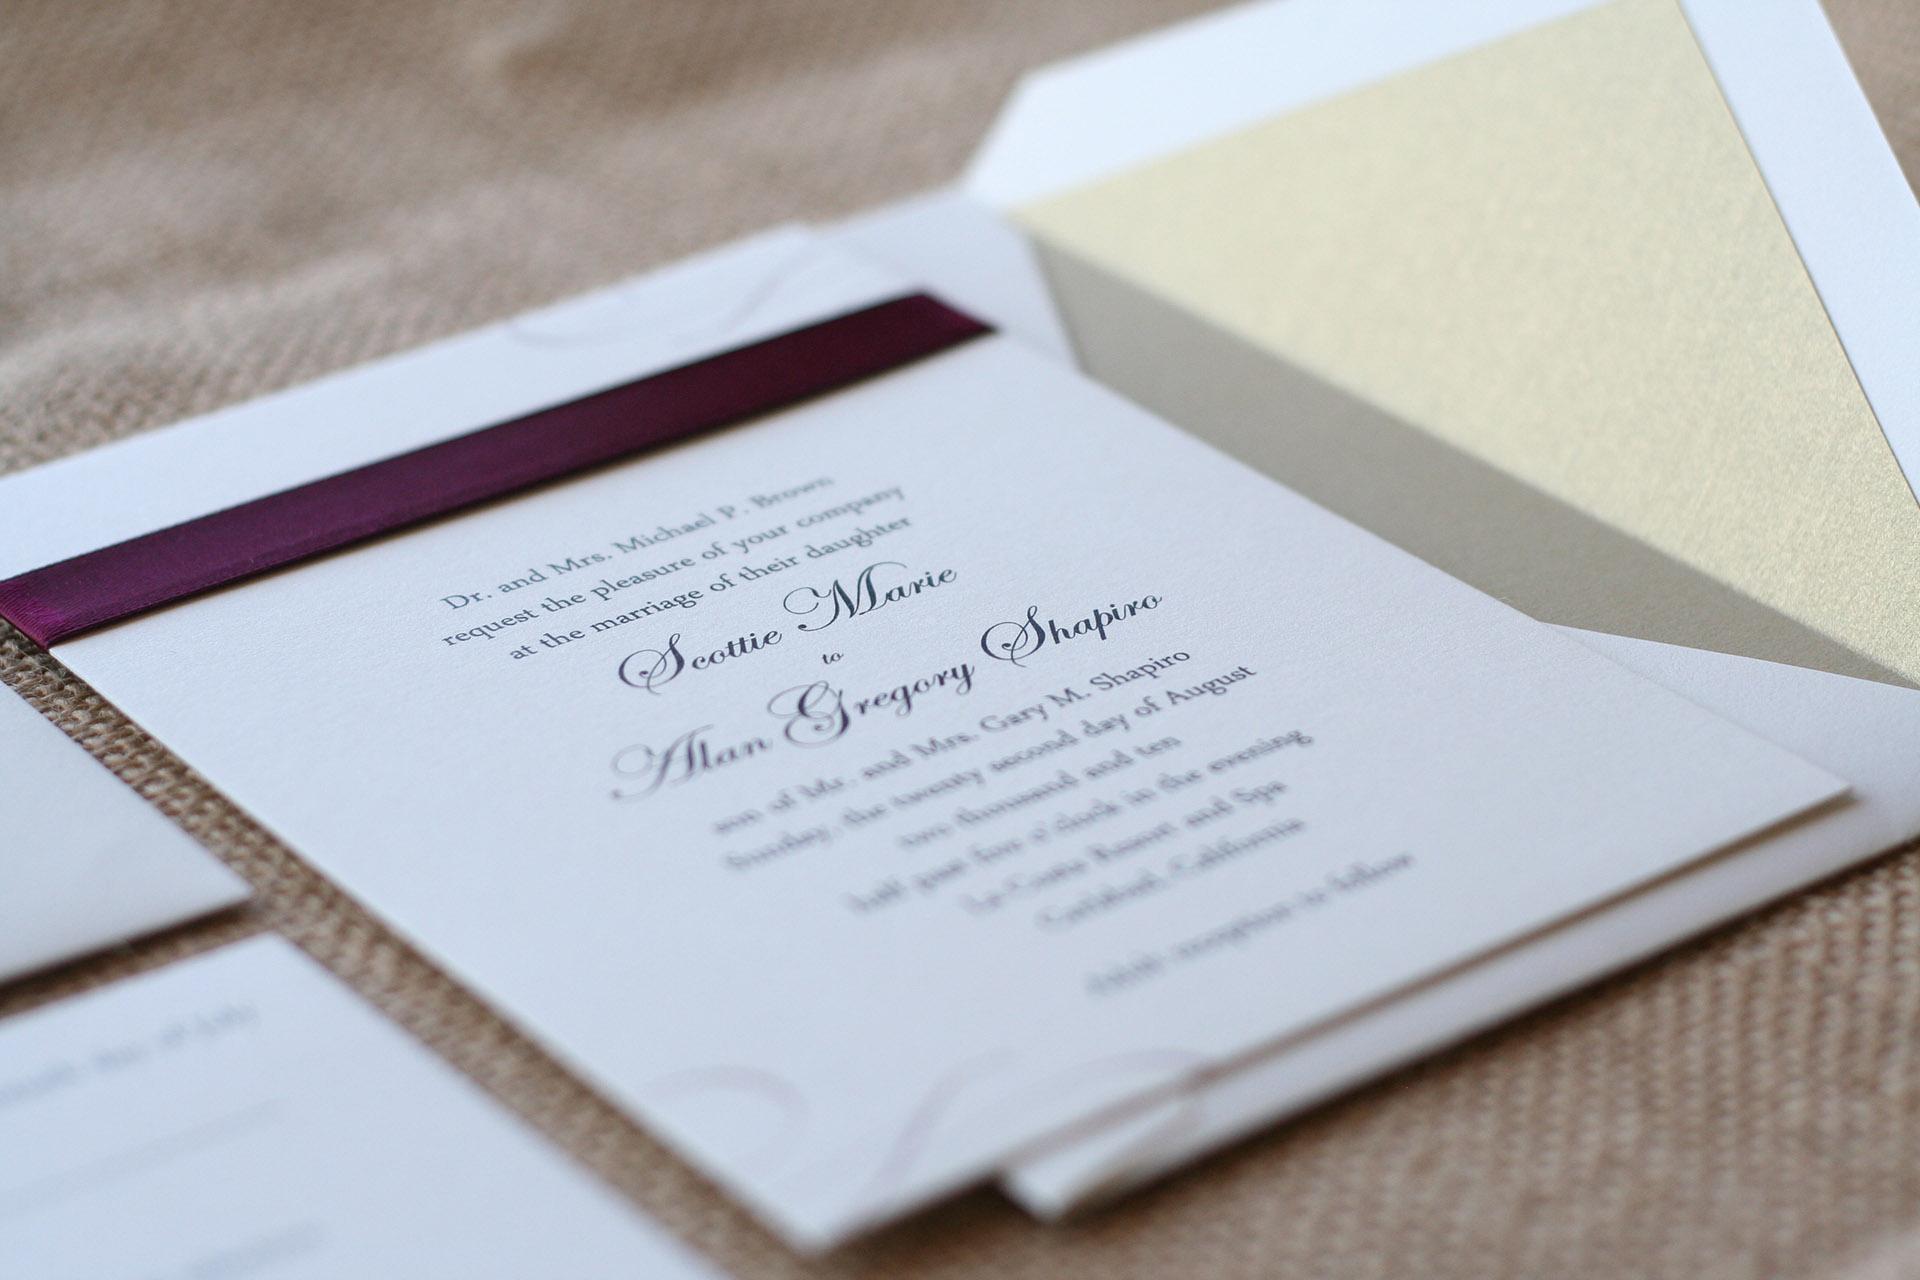 Bízzák kreatív szakemberekre az esküvői meghívó elkészítését!